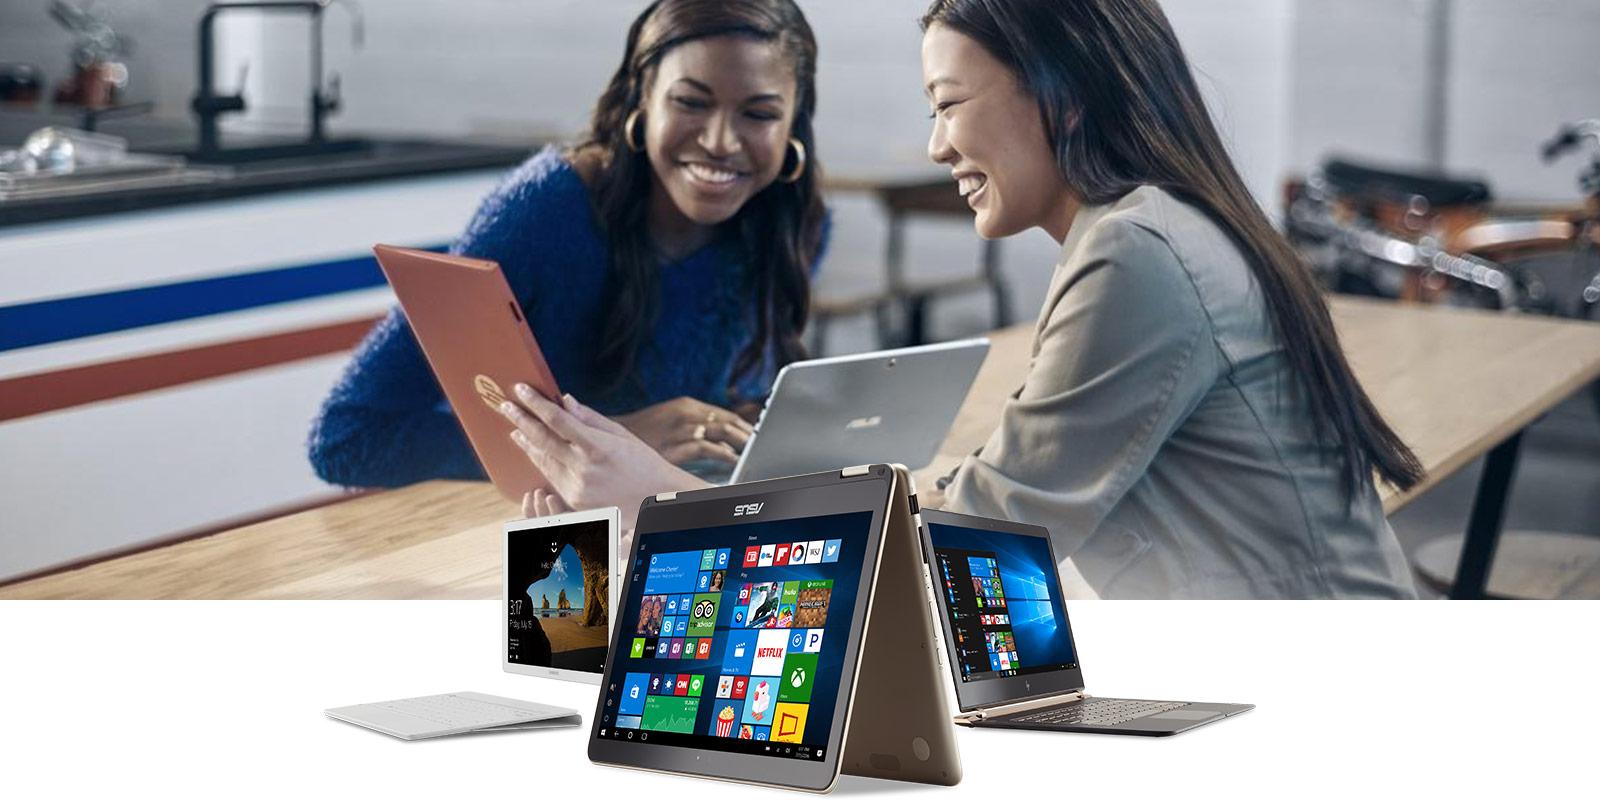 Komputery itablety zsystemem Windows10